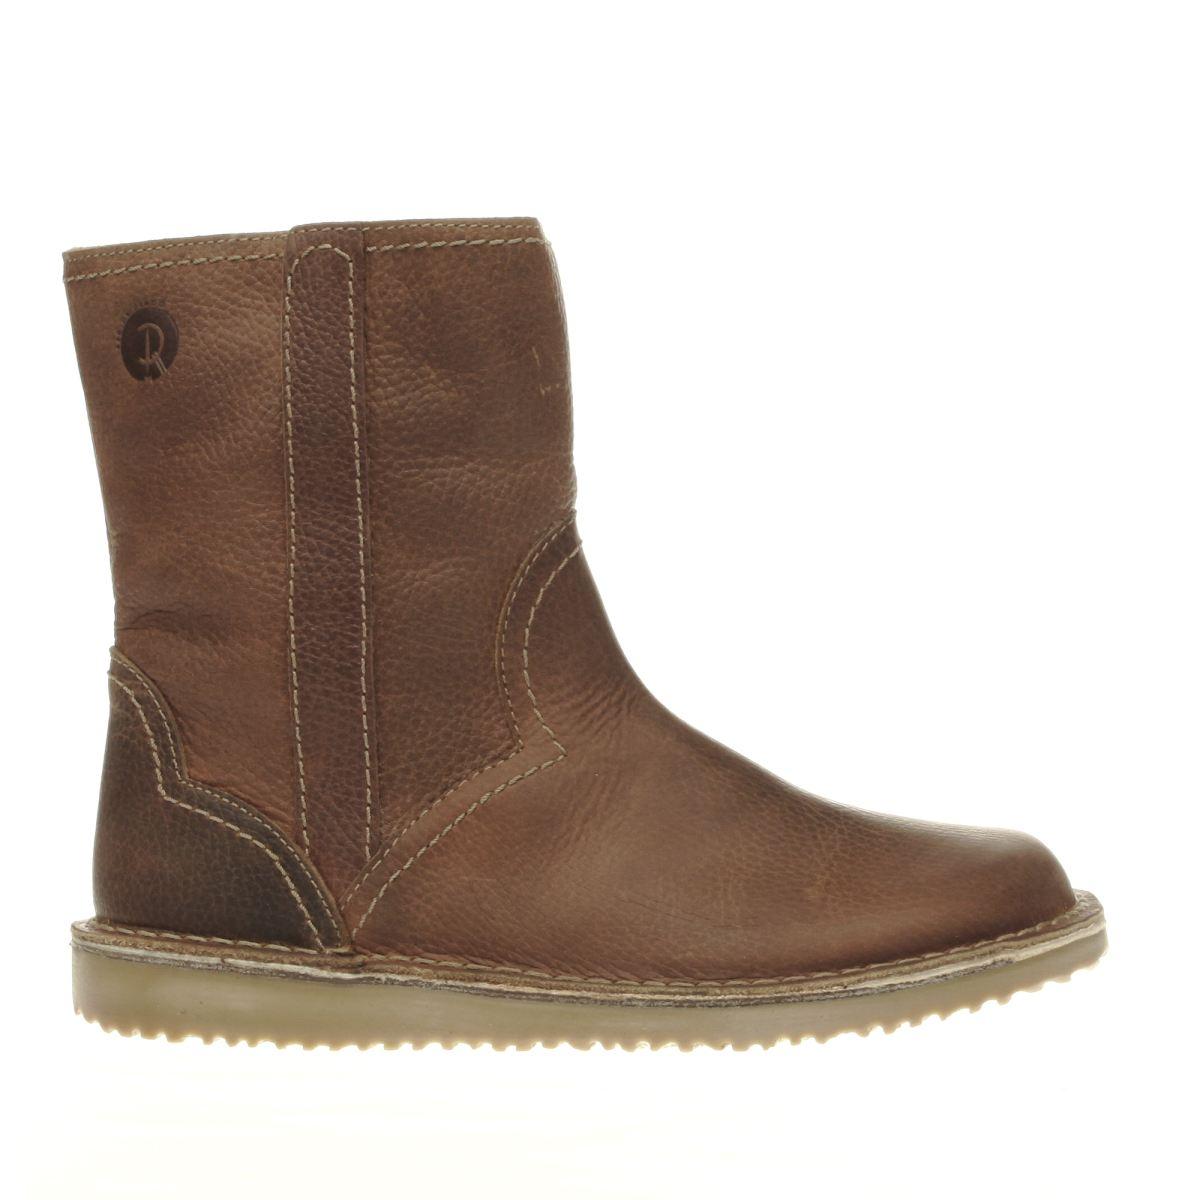 ugg boots stockists uk